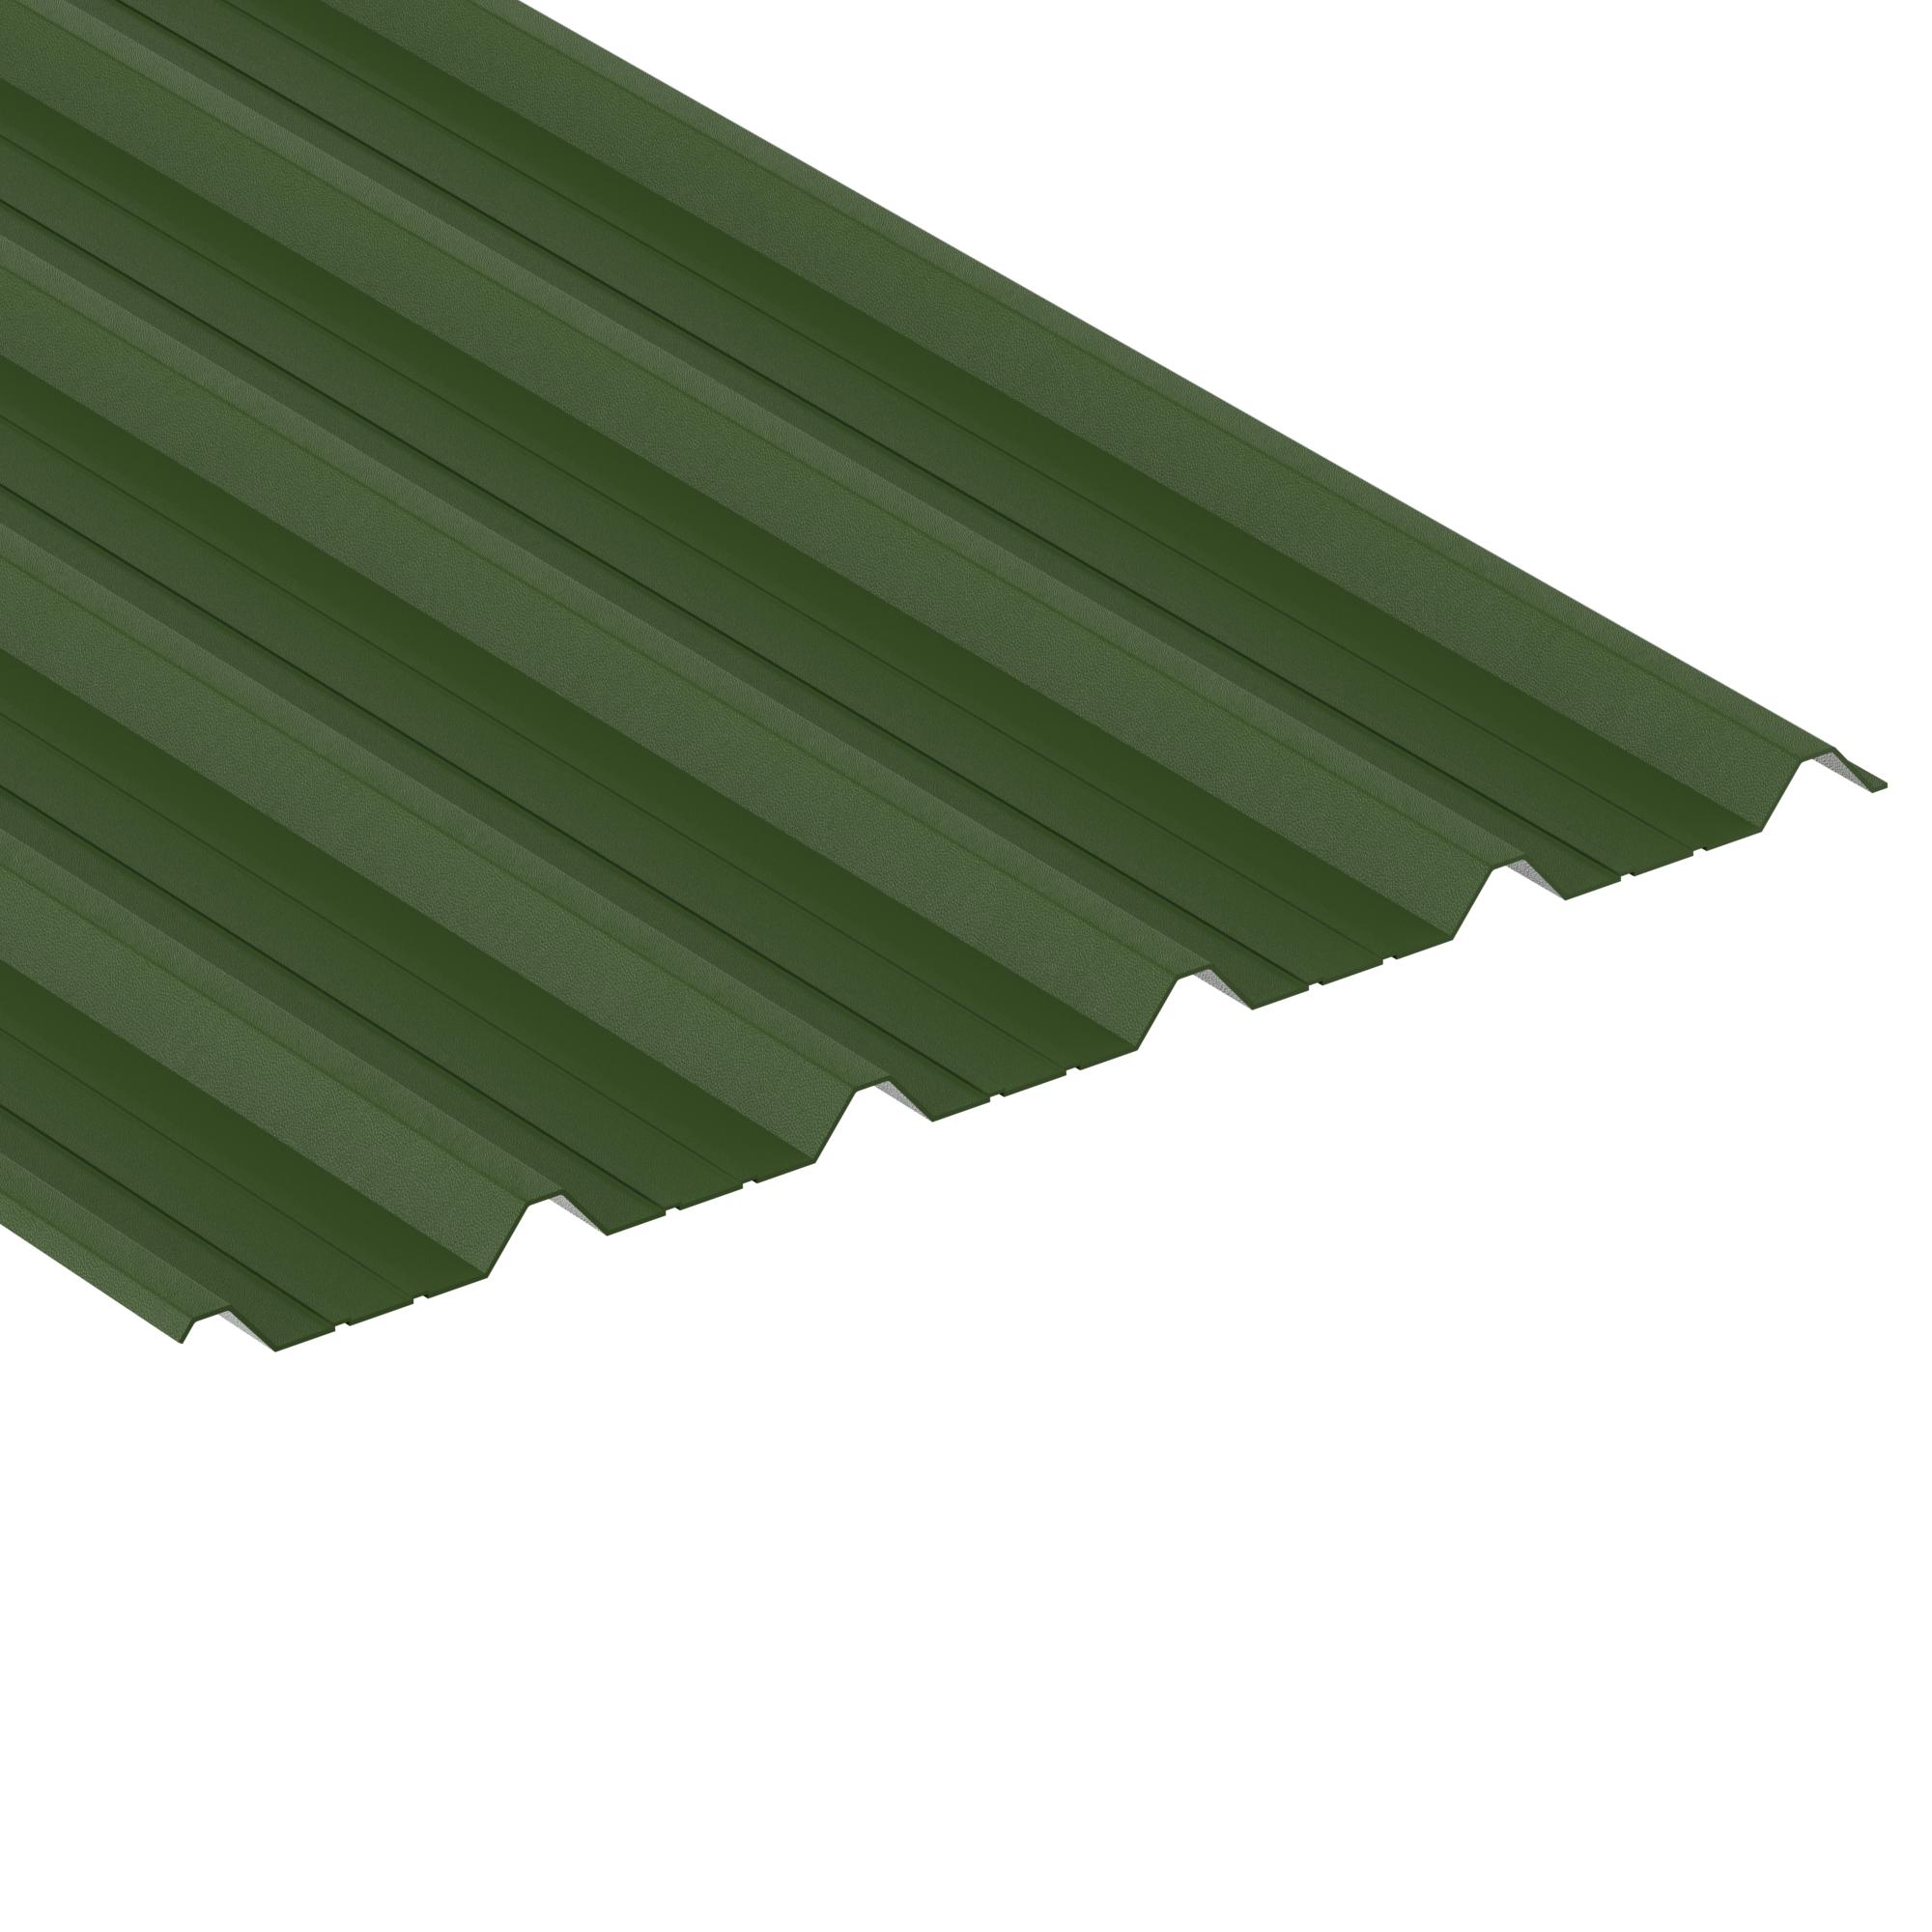 Box Profile, Juniper Green, Plastic Coated Leathergrain, 0.7mm Thickness, Profile -1000/32B